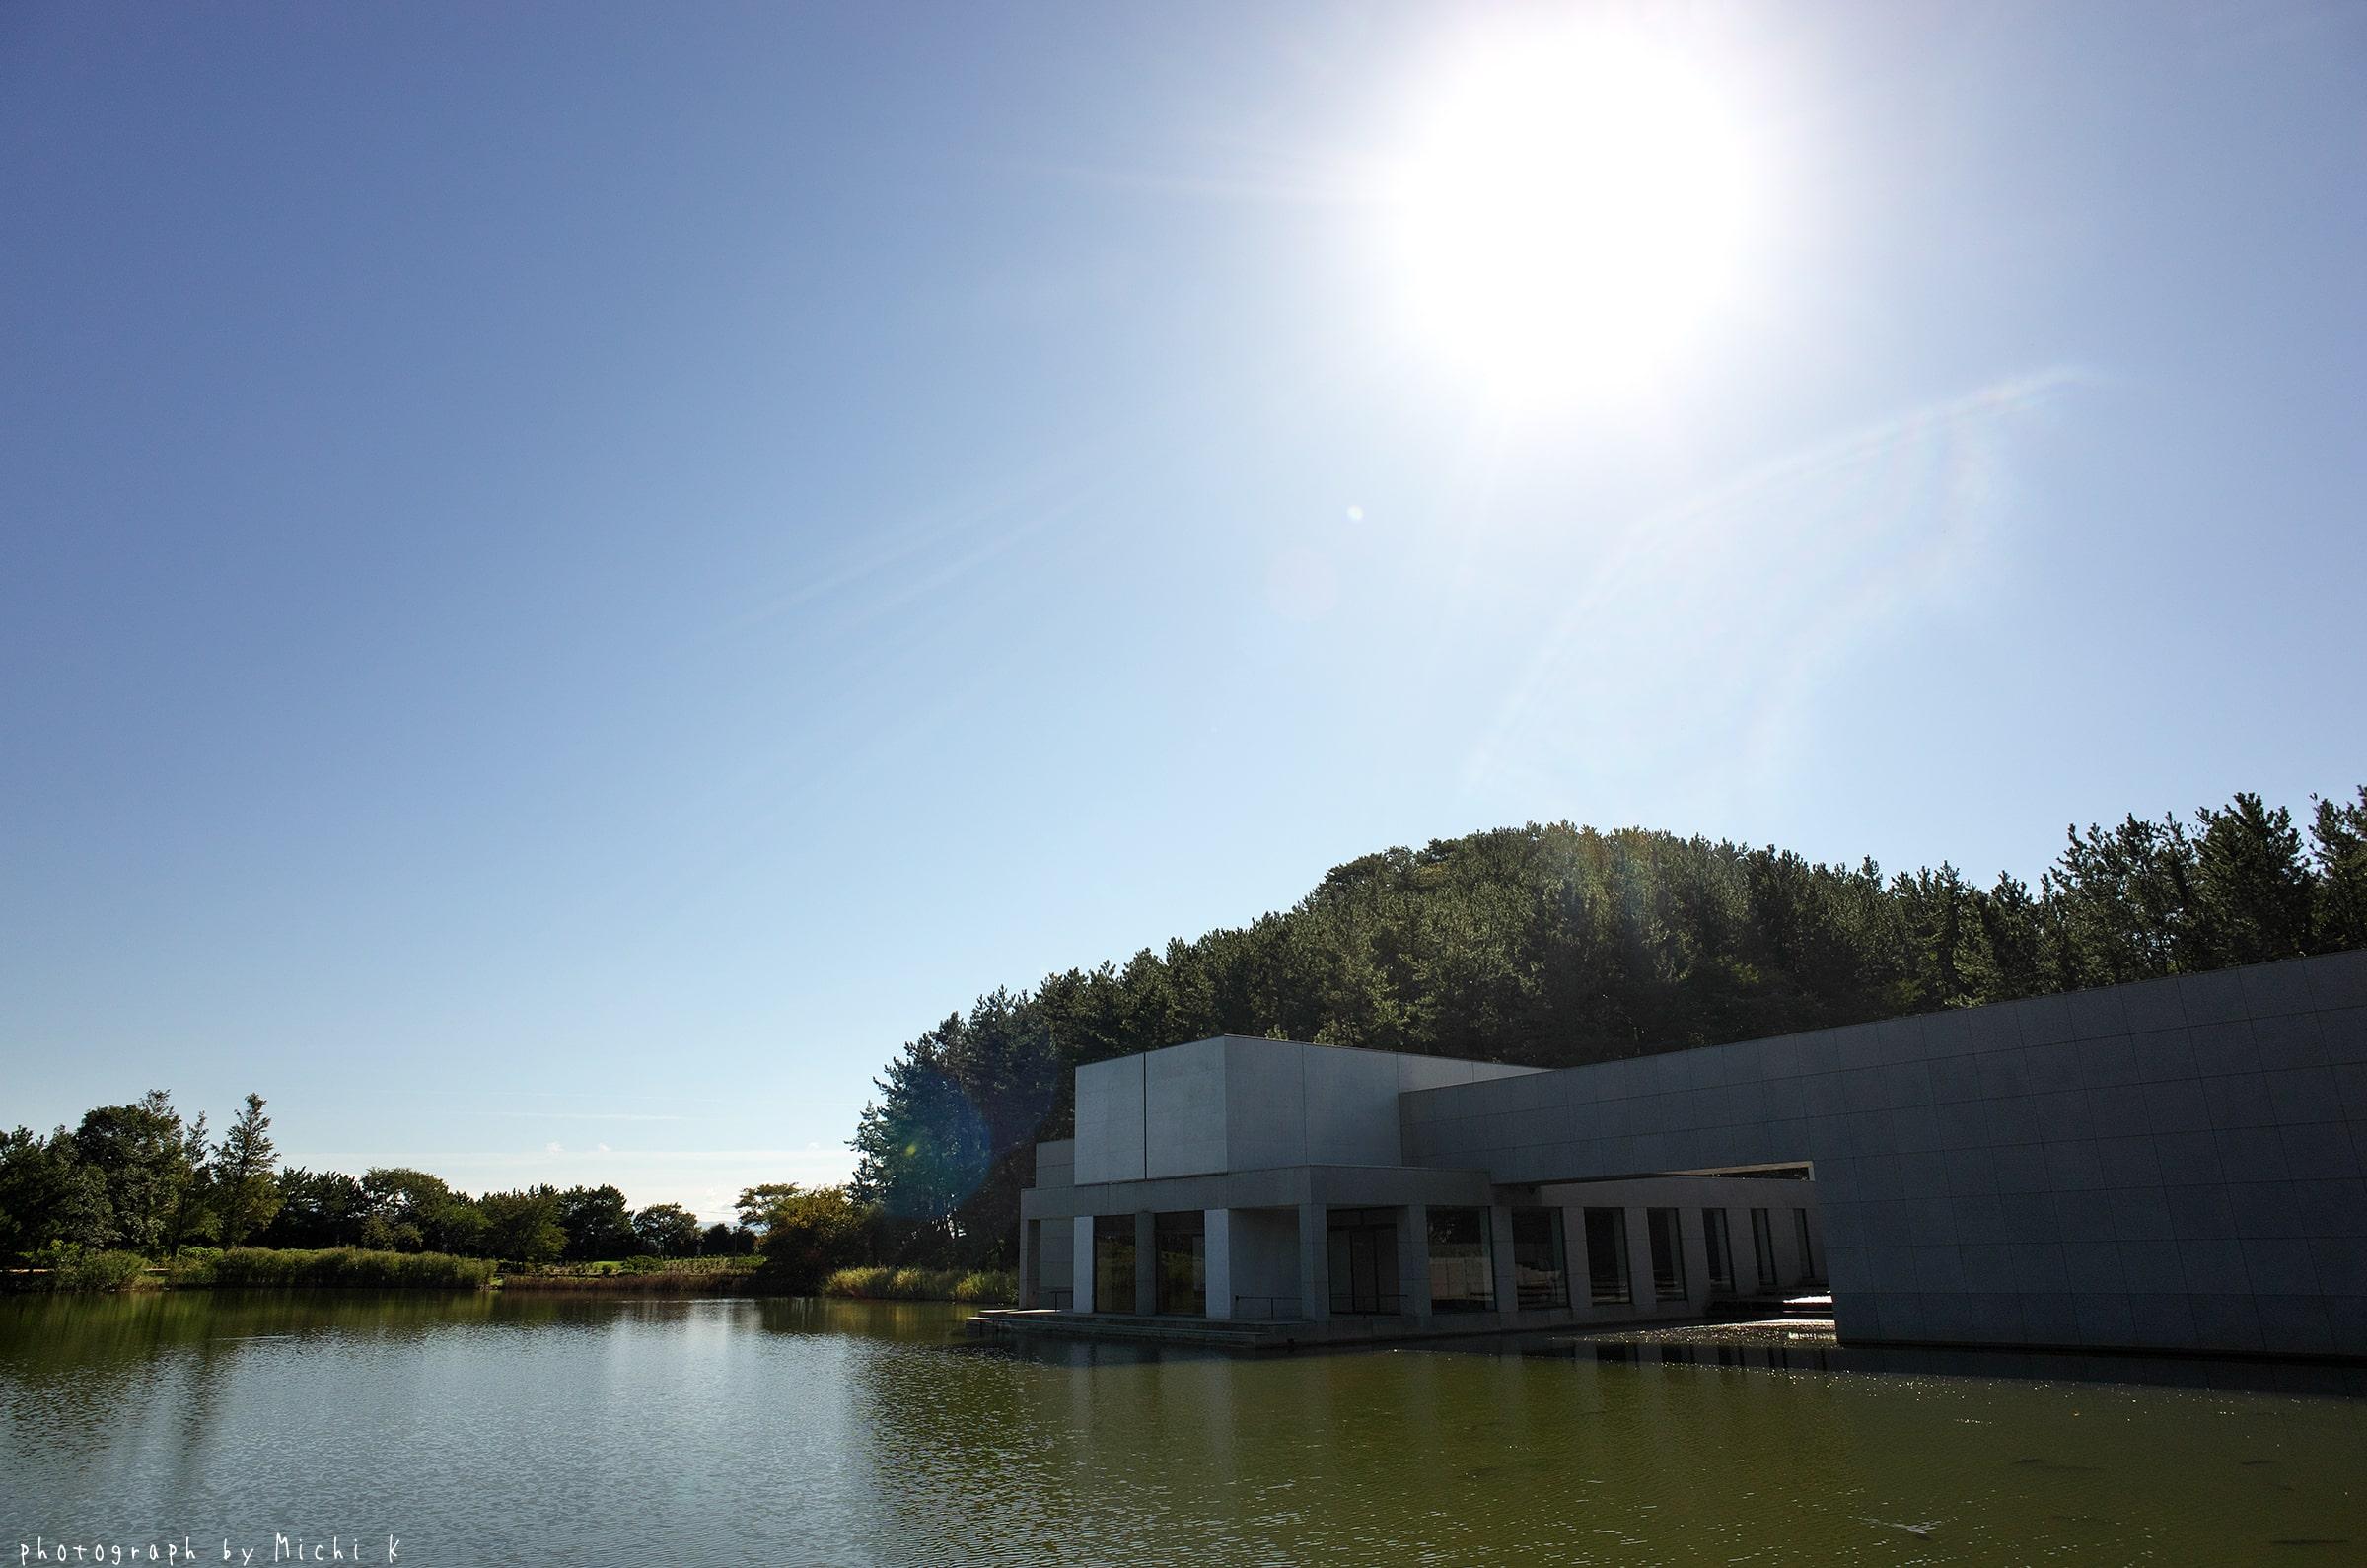 土門拳記念館2018-9-26(写真その1)